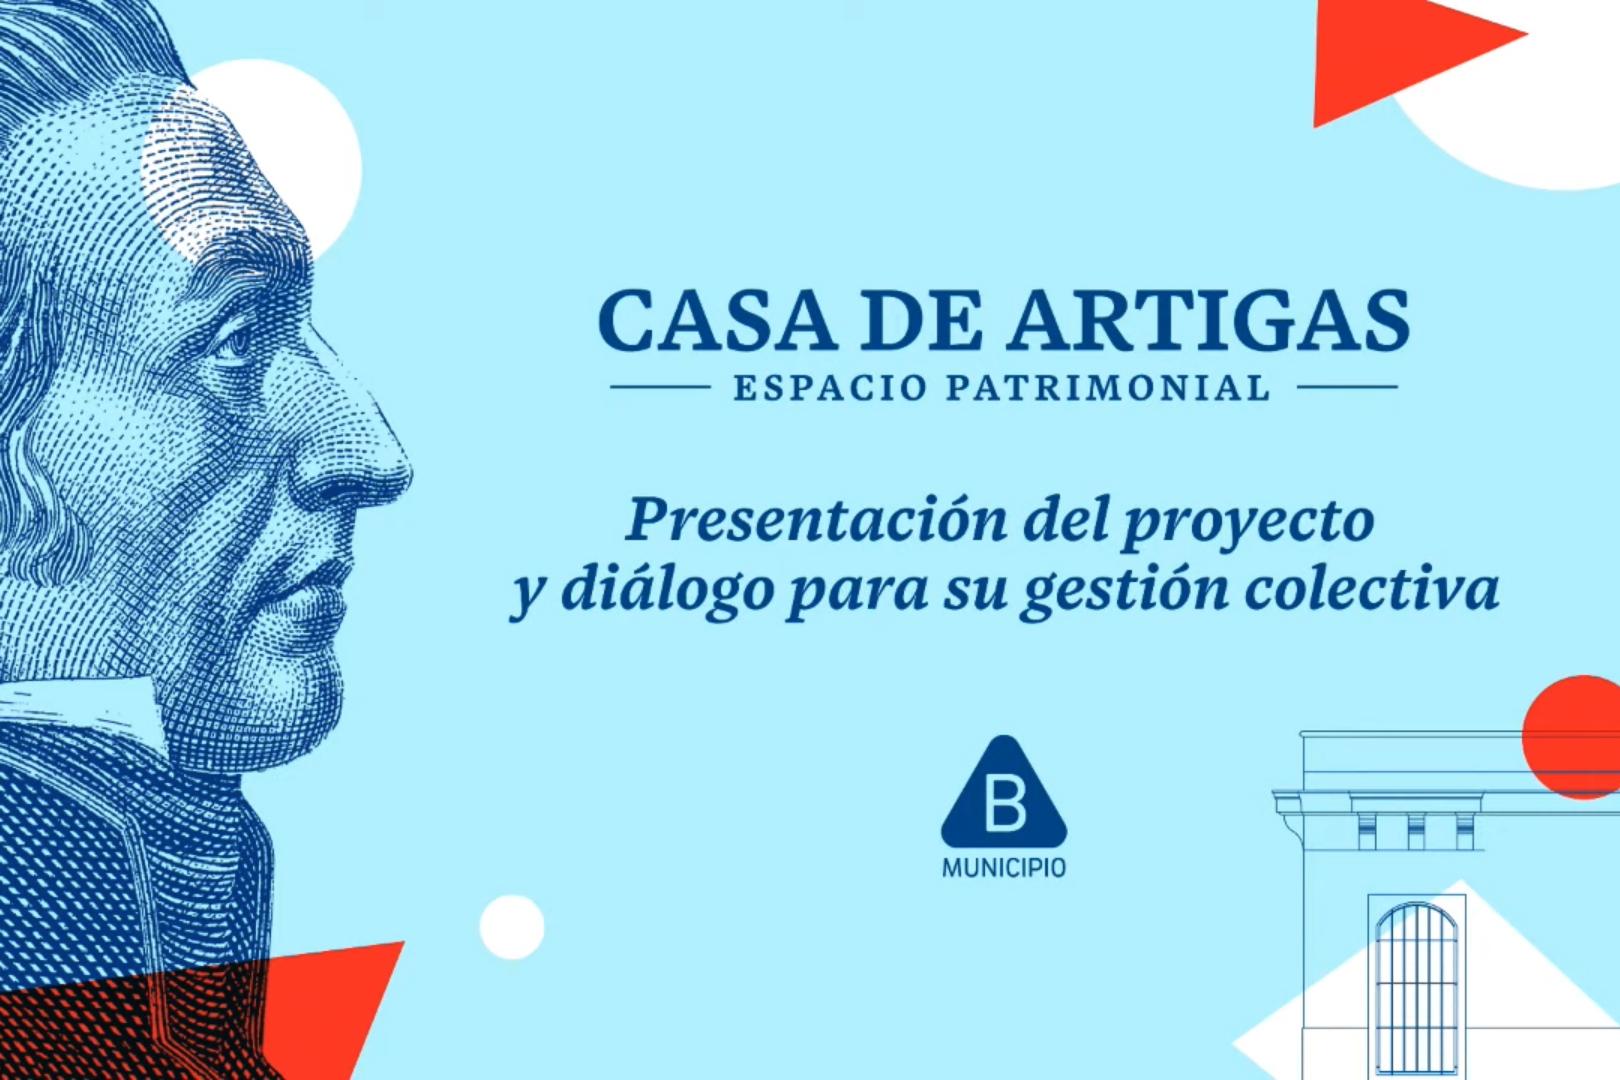 Presentación del proyecto Casa de Artigas